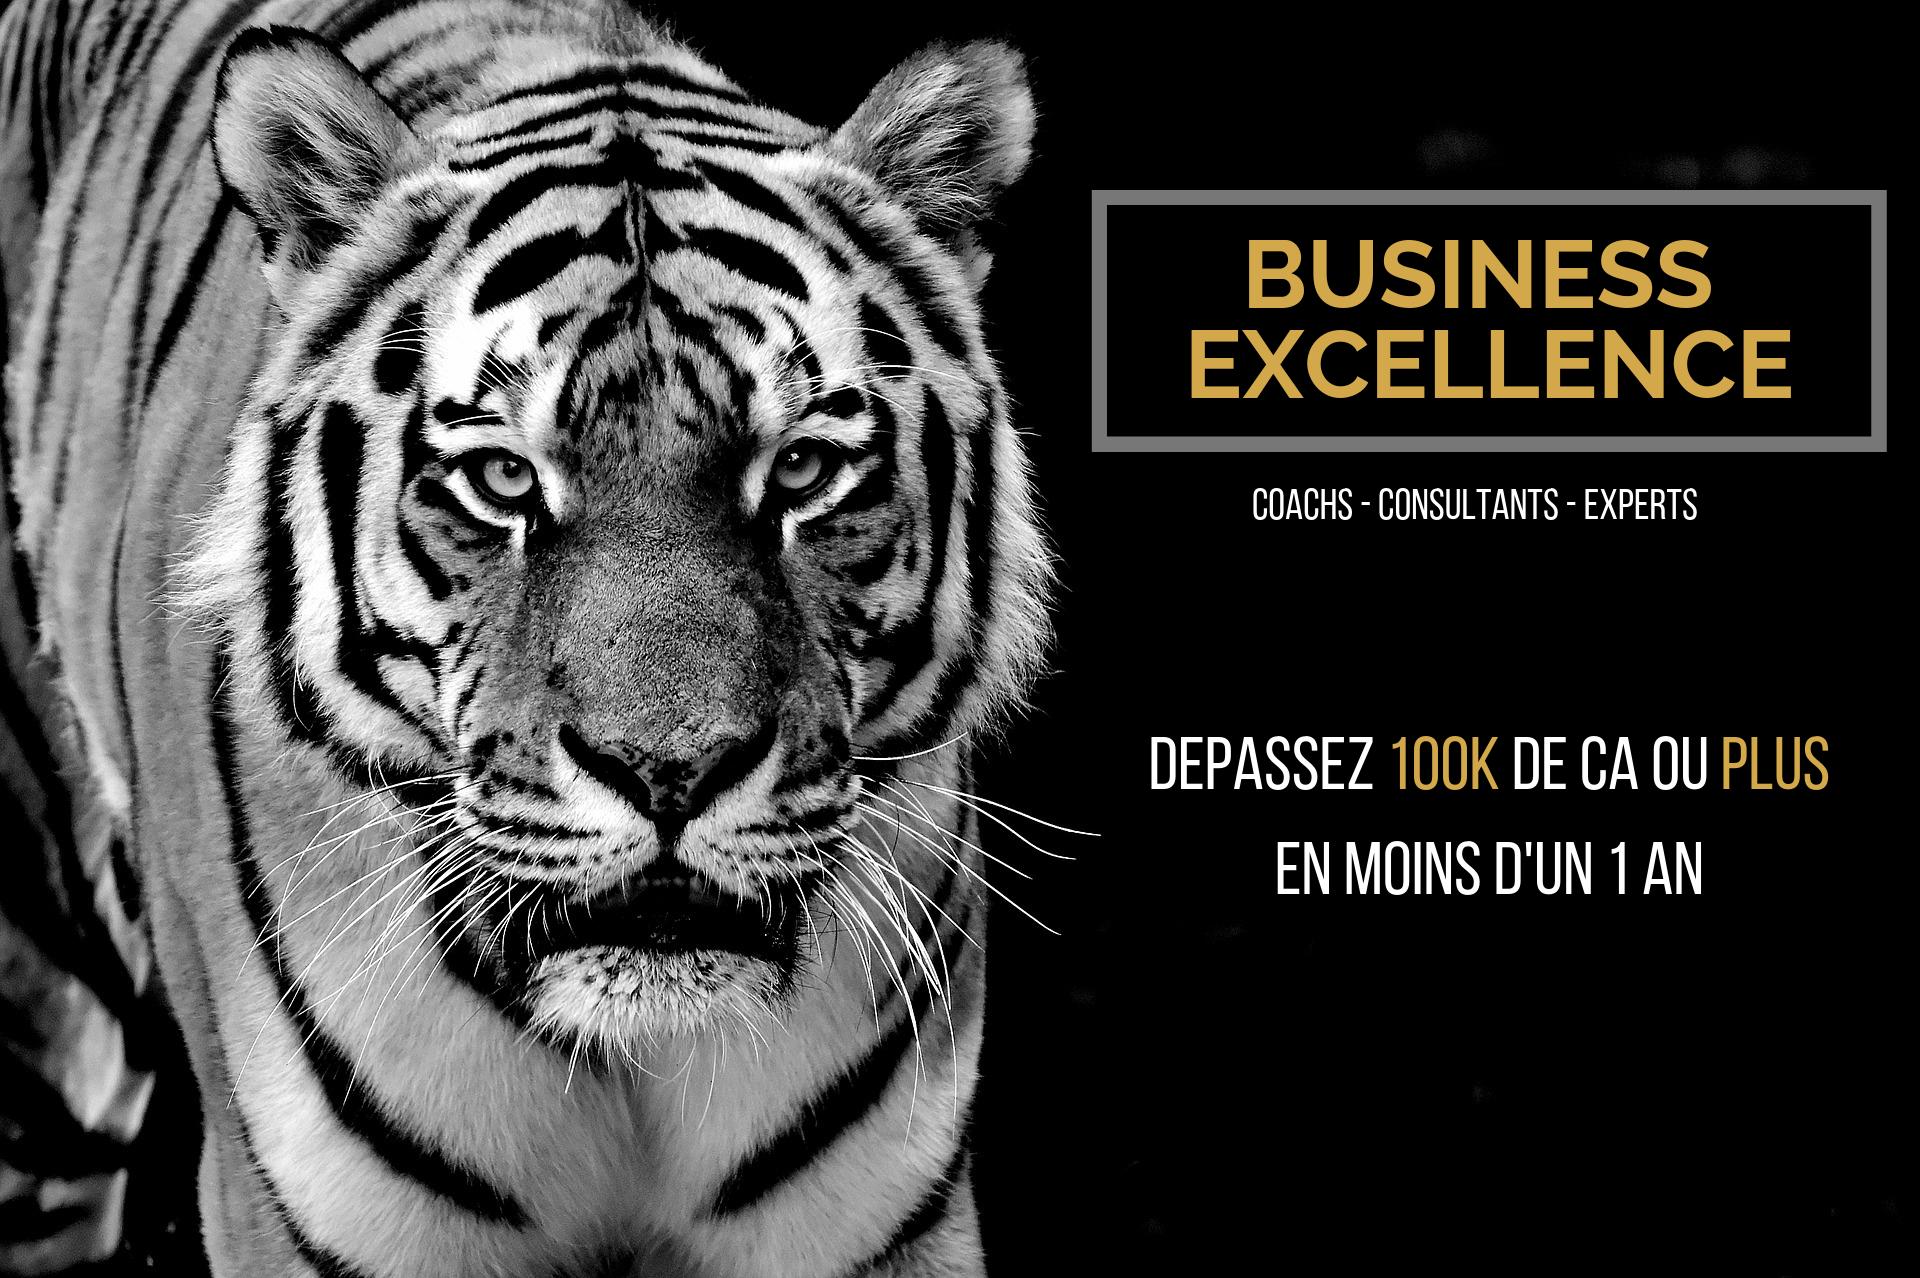 Dépasser 100k de chiffre d'affaires grâce au programme business excellence pour coachs, consultants ou experts